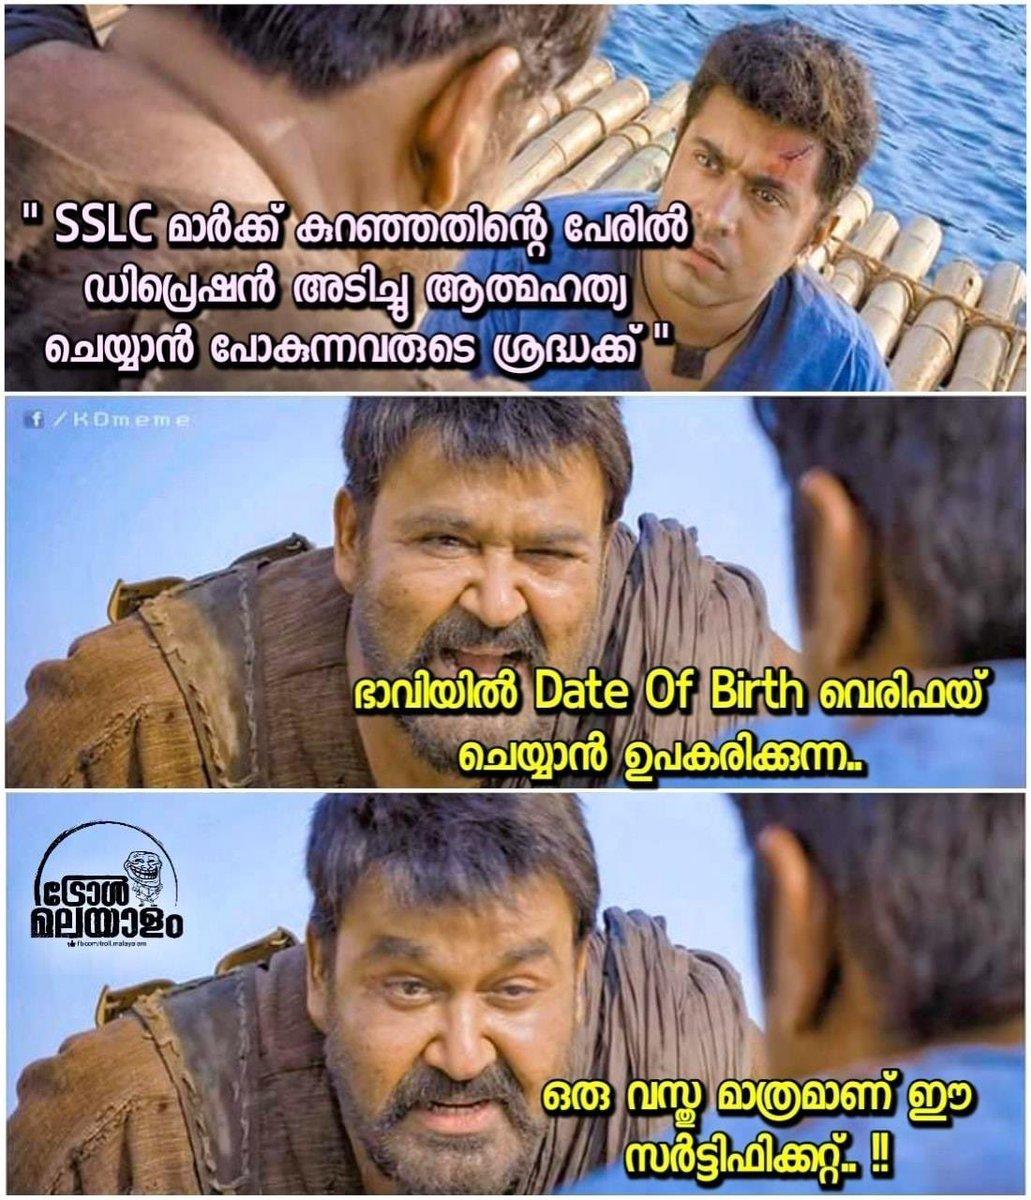 വേണേൽ സിം എടുക്കാനും.!!   © Sreenivas S Pai (Troll Malayalam)  #TrollMalayalam #SSLCExam #Kerala #Malayalee #SSLCpic.twitter.com/JywvsHHPTt